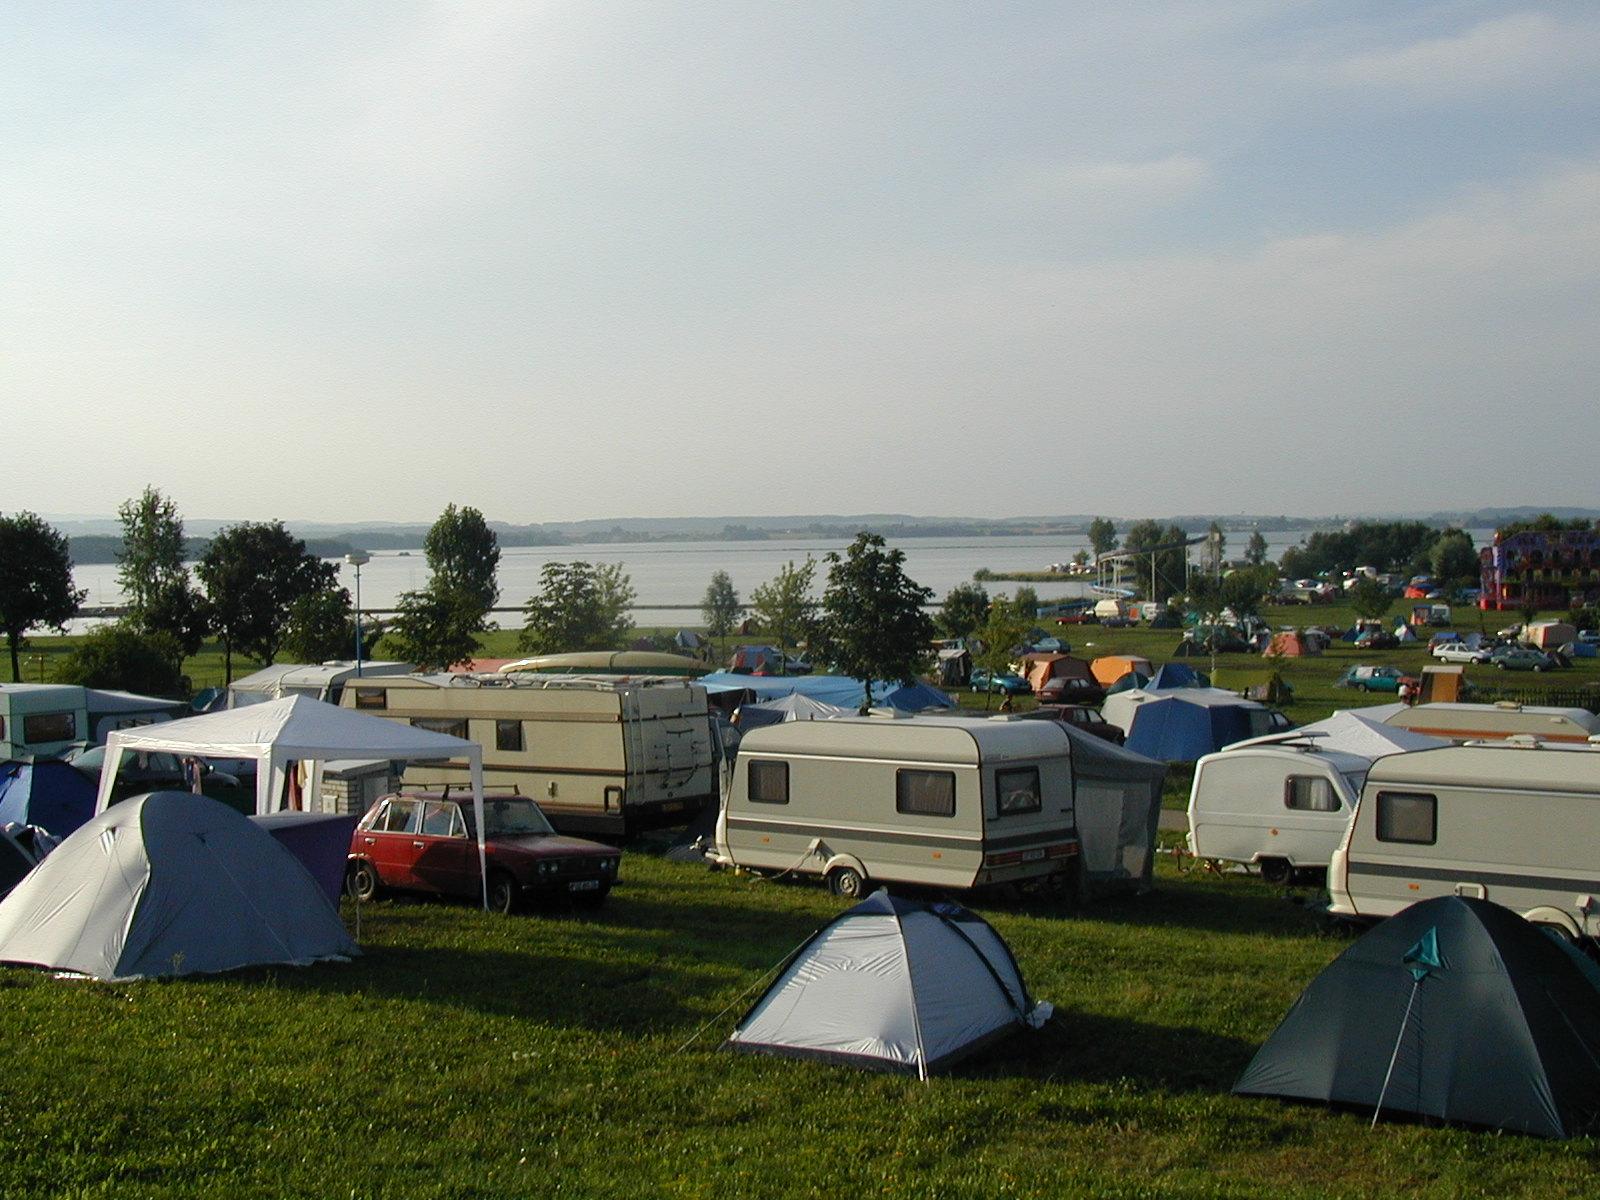 https://www.kempy-chaty.cz/sites/default/files/turistika/kemp_rozkos_-_karavany.jpg